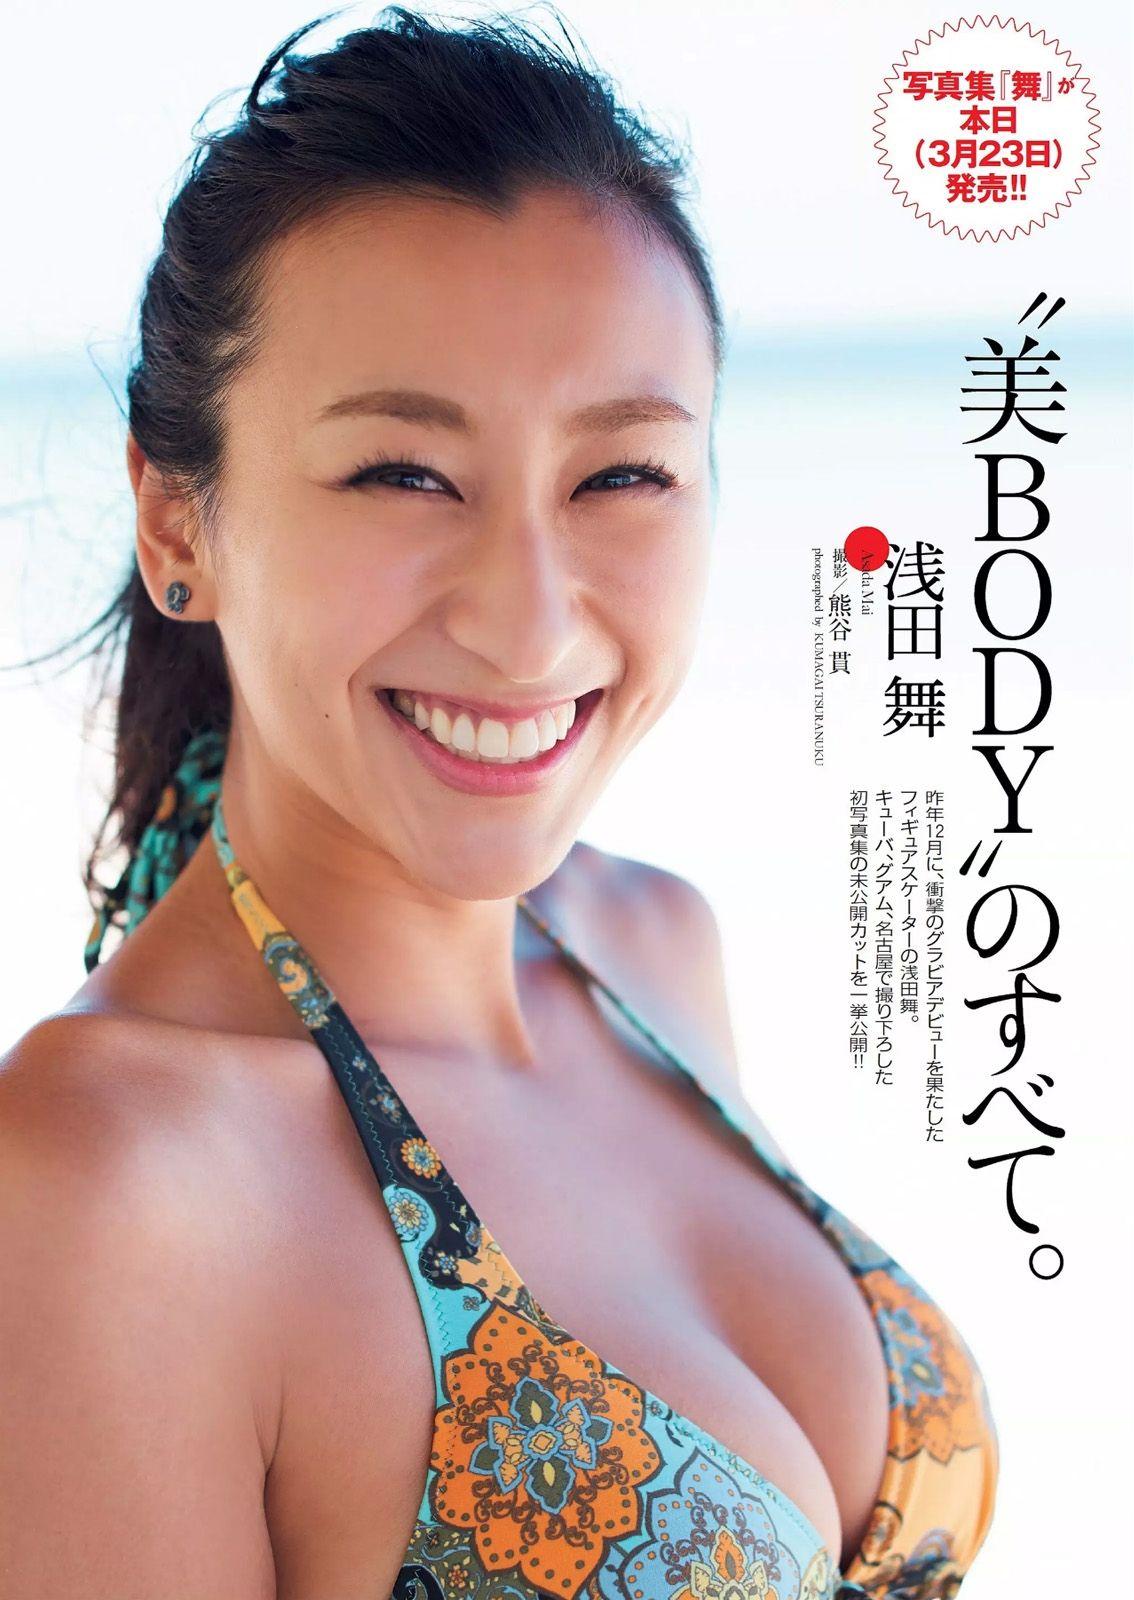 Mayuyusuki Hottest Celebrities Japanese Beauty Figure Skating